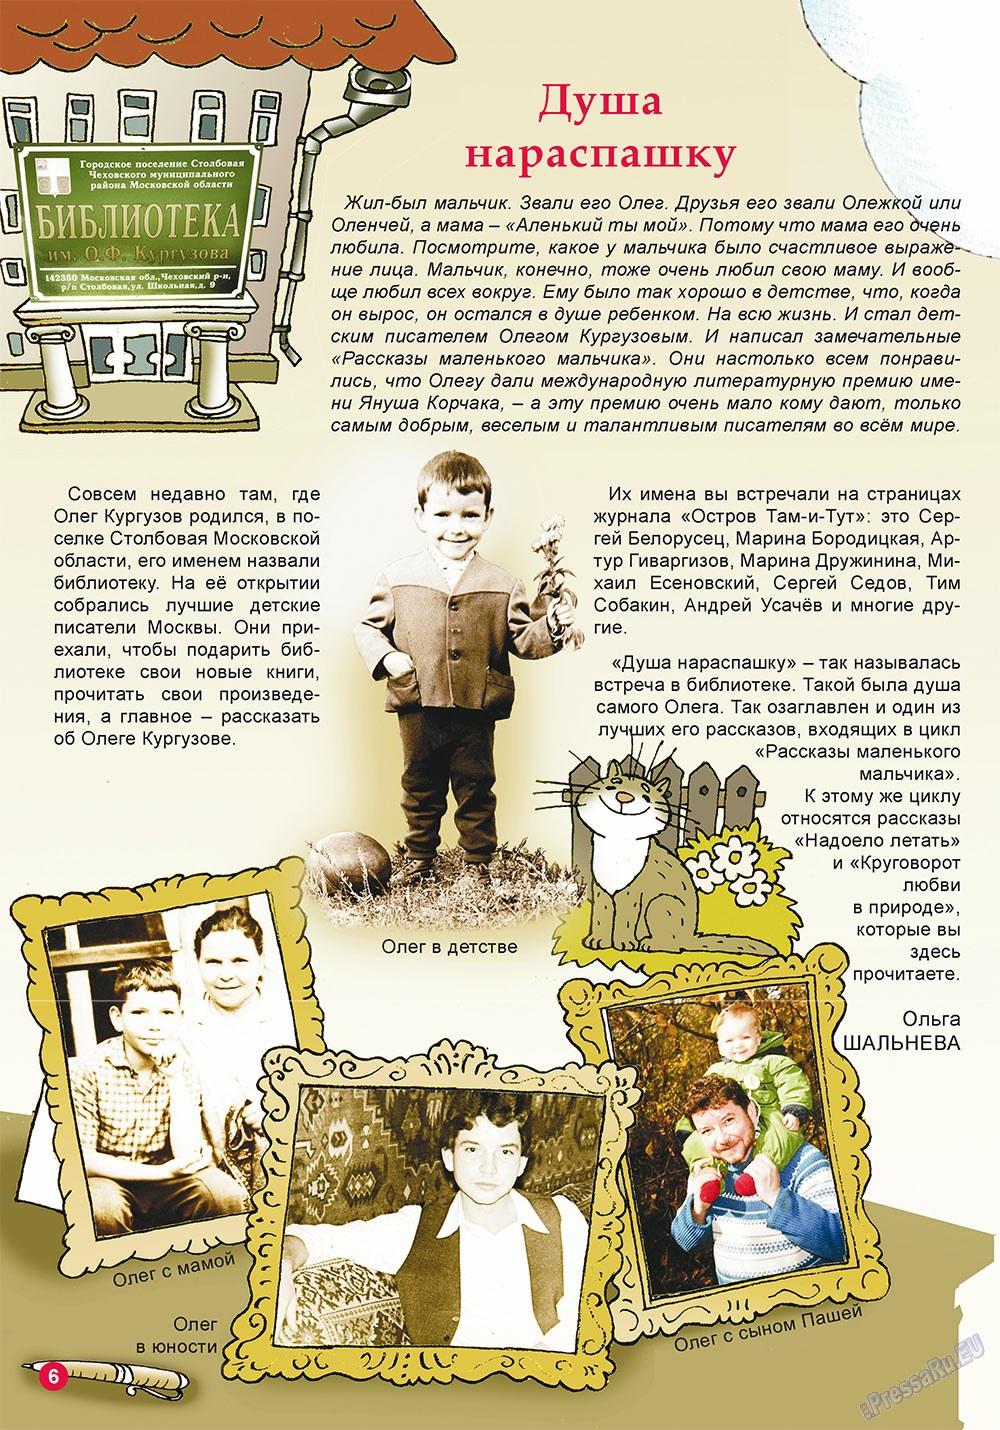 Остров там и тут (журнал). 2010 год, номер 1, стр. 6